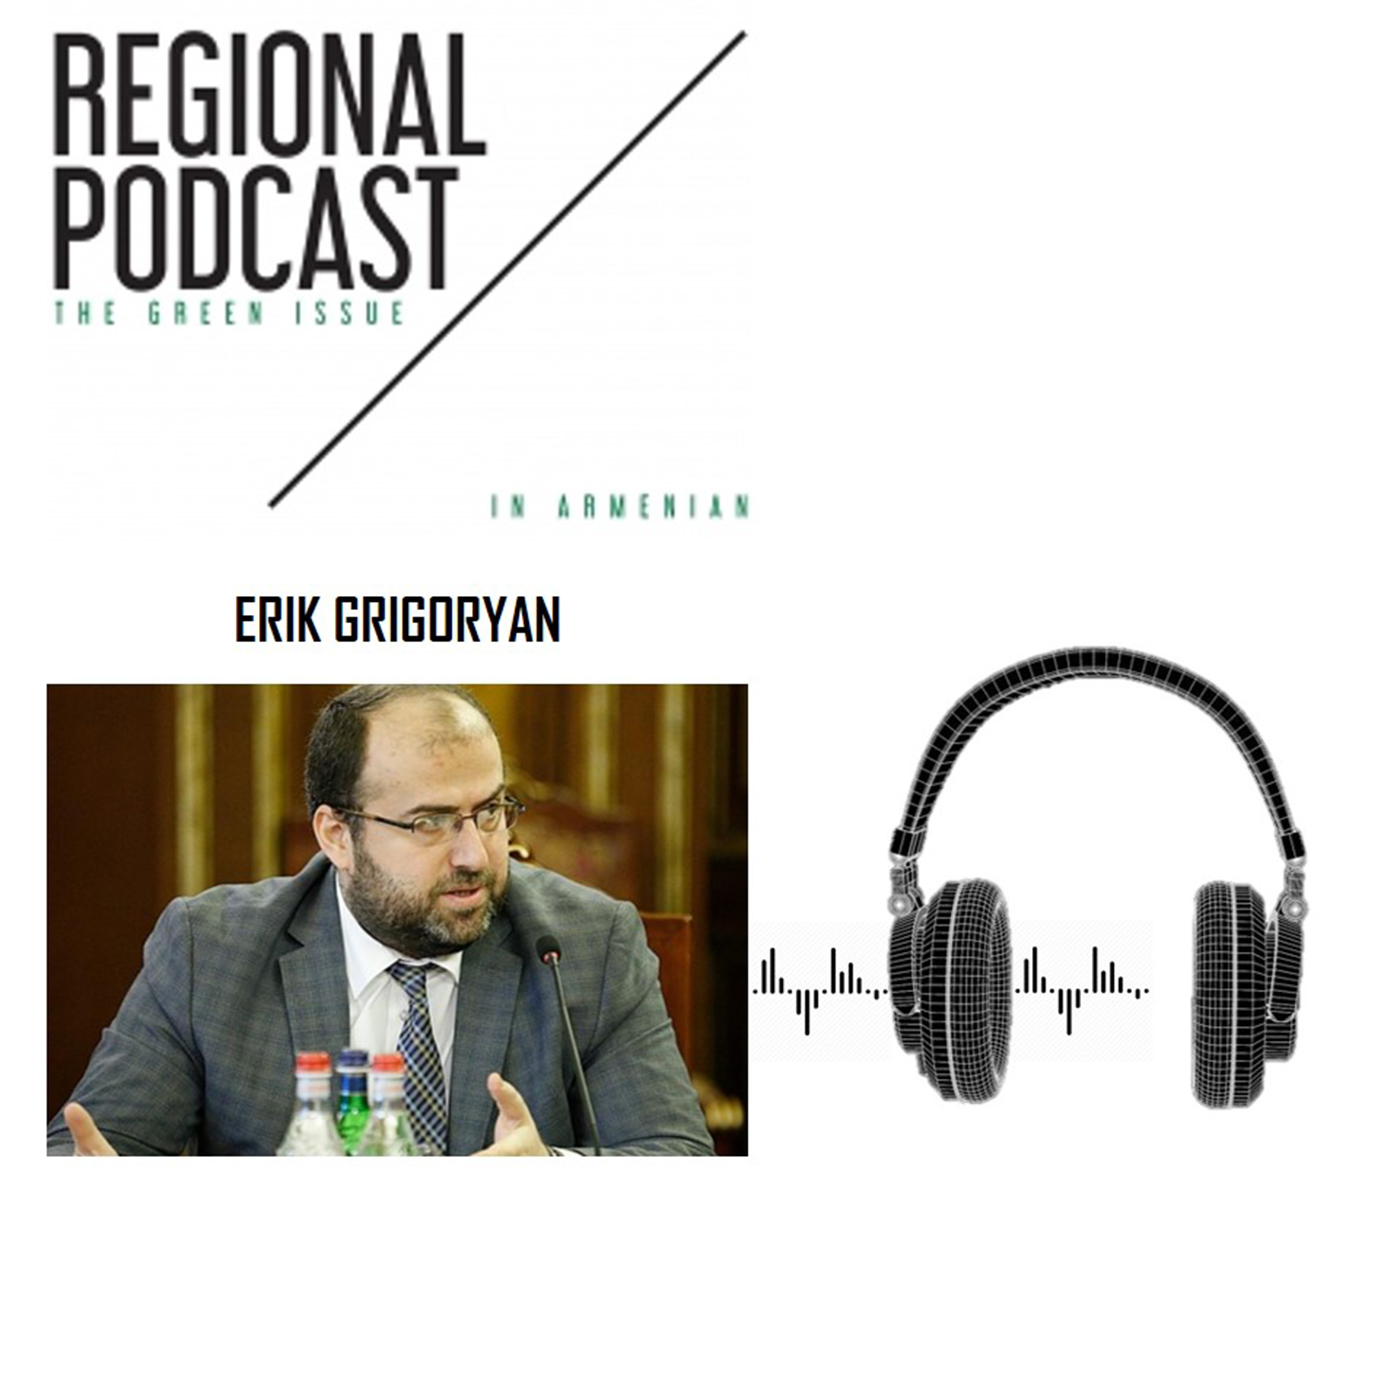 [հայերեն] Regional Podcast - The Green Issue / Erik Grigoryan